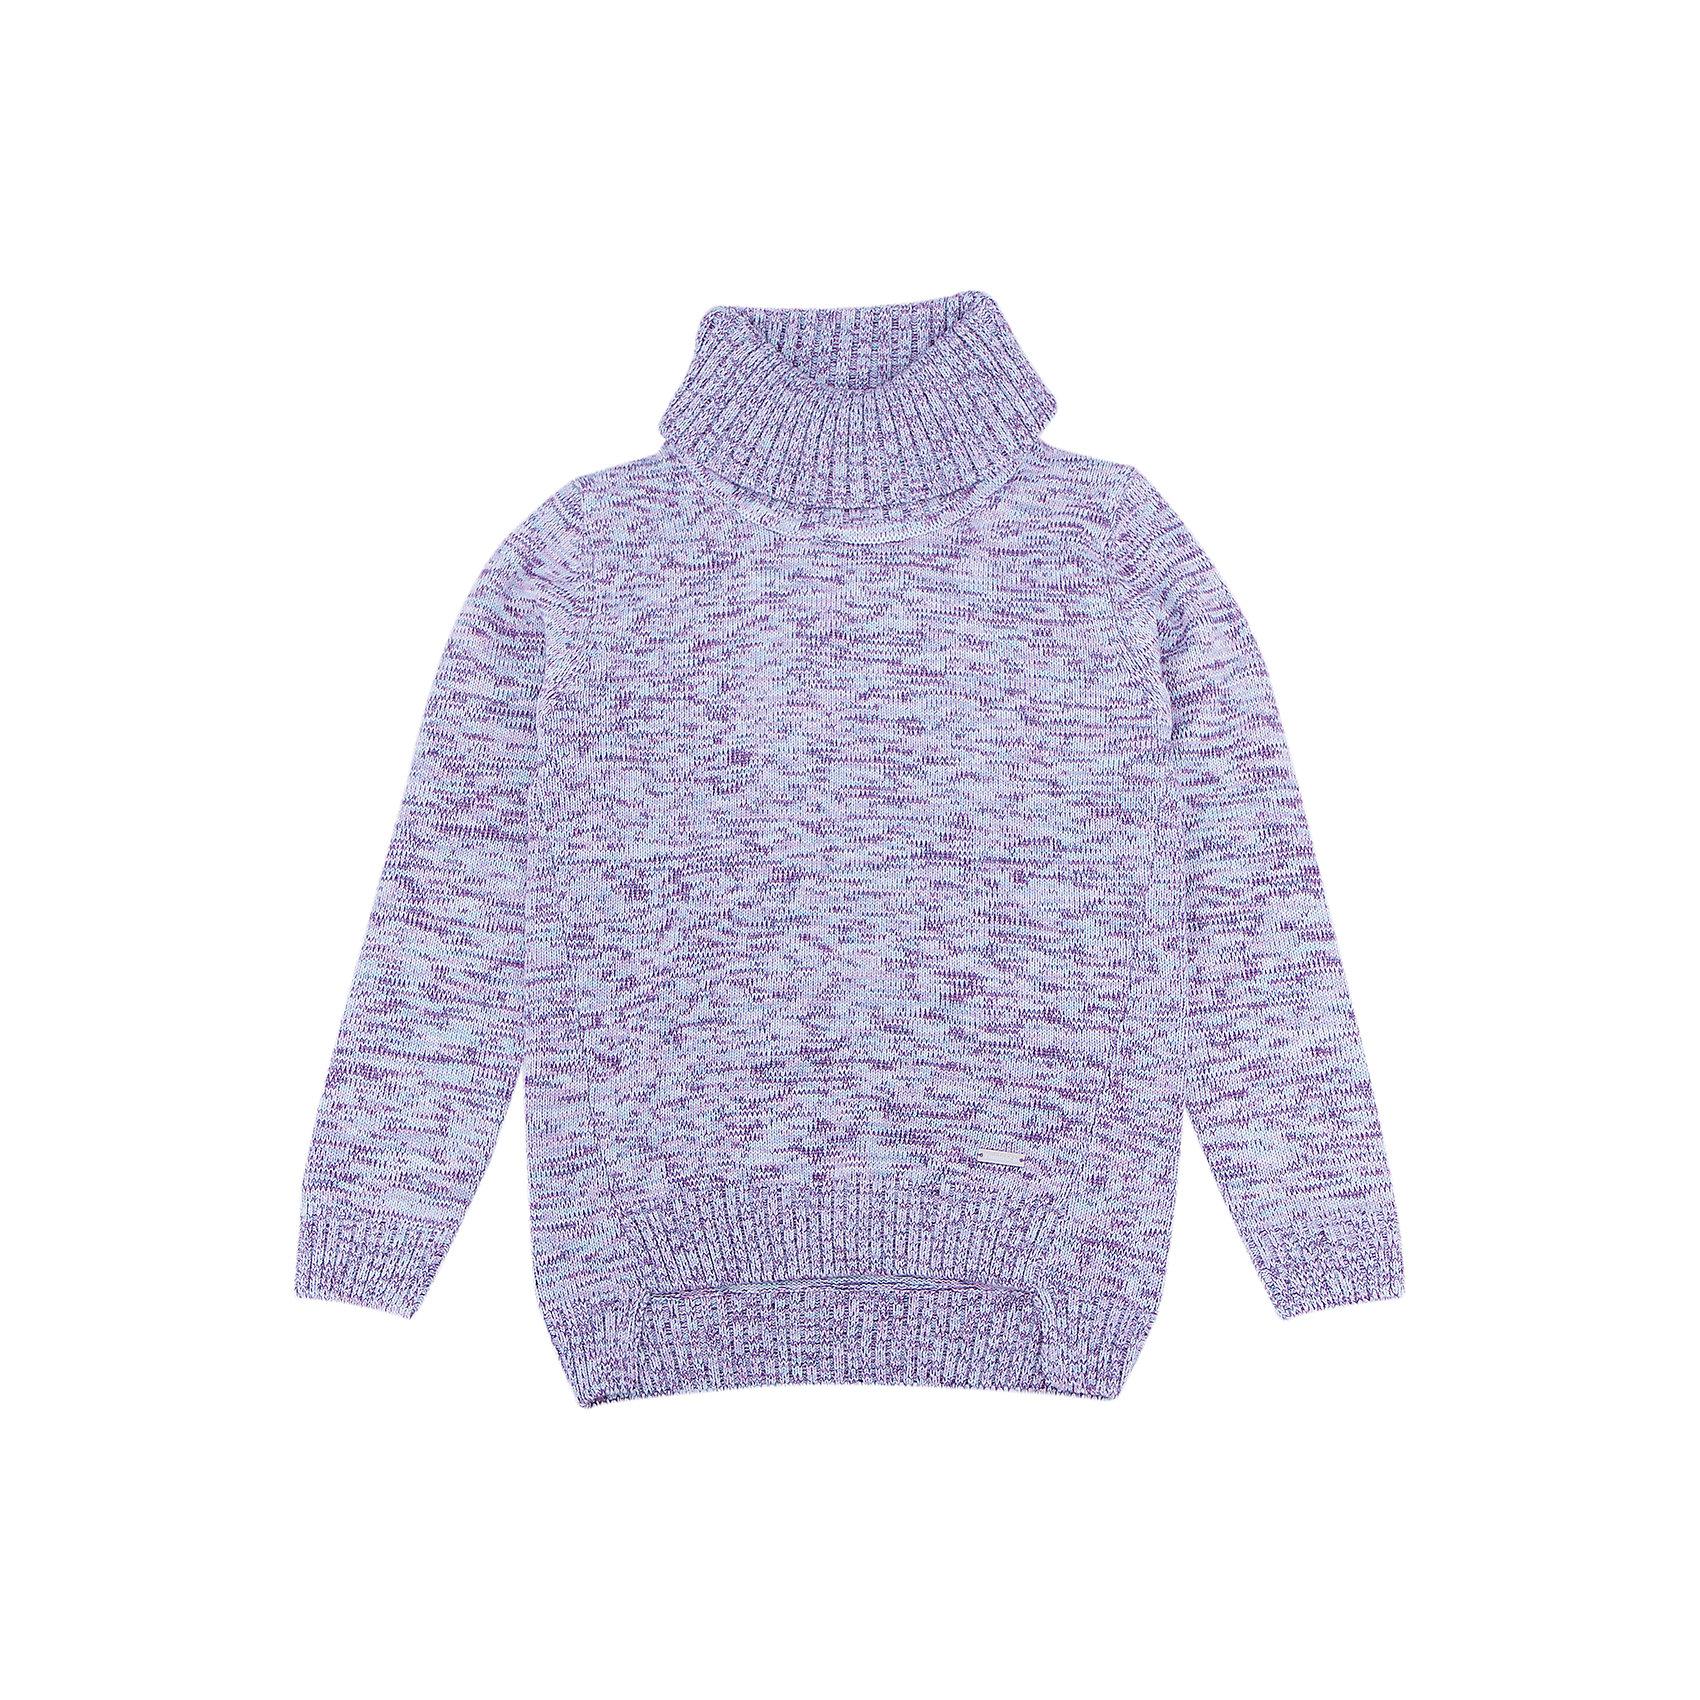 Свитер для девочки LuminosoХарактеристики товара:<br><br>- цвет: разноцветный;<br>- материал: 60% хлопок, 40% акрил;<br>- качественная пряжа;<br>- резинка по низу и на рукавах;<br>- длинный рукав;<br>- спинка длиннее;<br>- высокий объемный ворот.<br><br>Стильная одежда от бренда Luminoso (Люминосо), созданная при участии итальянских дизайнеров, учитывает потребности подростков и последние веяния моды. Она удобная и модная.<br>Этот вязаный свитер идеален для прохладной погоды. Он хорошо сидит на ребенке, обеспечивает комфорт и отлично сочетается с одежной разных стилей. Модель отличается высоким качеством пряжи и продуманным дизайном.<br><br>Свитер для девочки от бренда Luminoso (Люминосо) можно купить в нашем интернет-магазине.<br><br>Ширина мм: 190<br>Глубина мм: 74<br>Высота мм: 229<br>Вес г: 236<br>Цвет: фиолетовый<br>Возраст от месяцев: 156<br>Возраст до месяцев: 168<br>Пол: Женский<br>Возраст: Детский<br>Размер: 164,134,140,146,152,158<br>SKU: 4929472